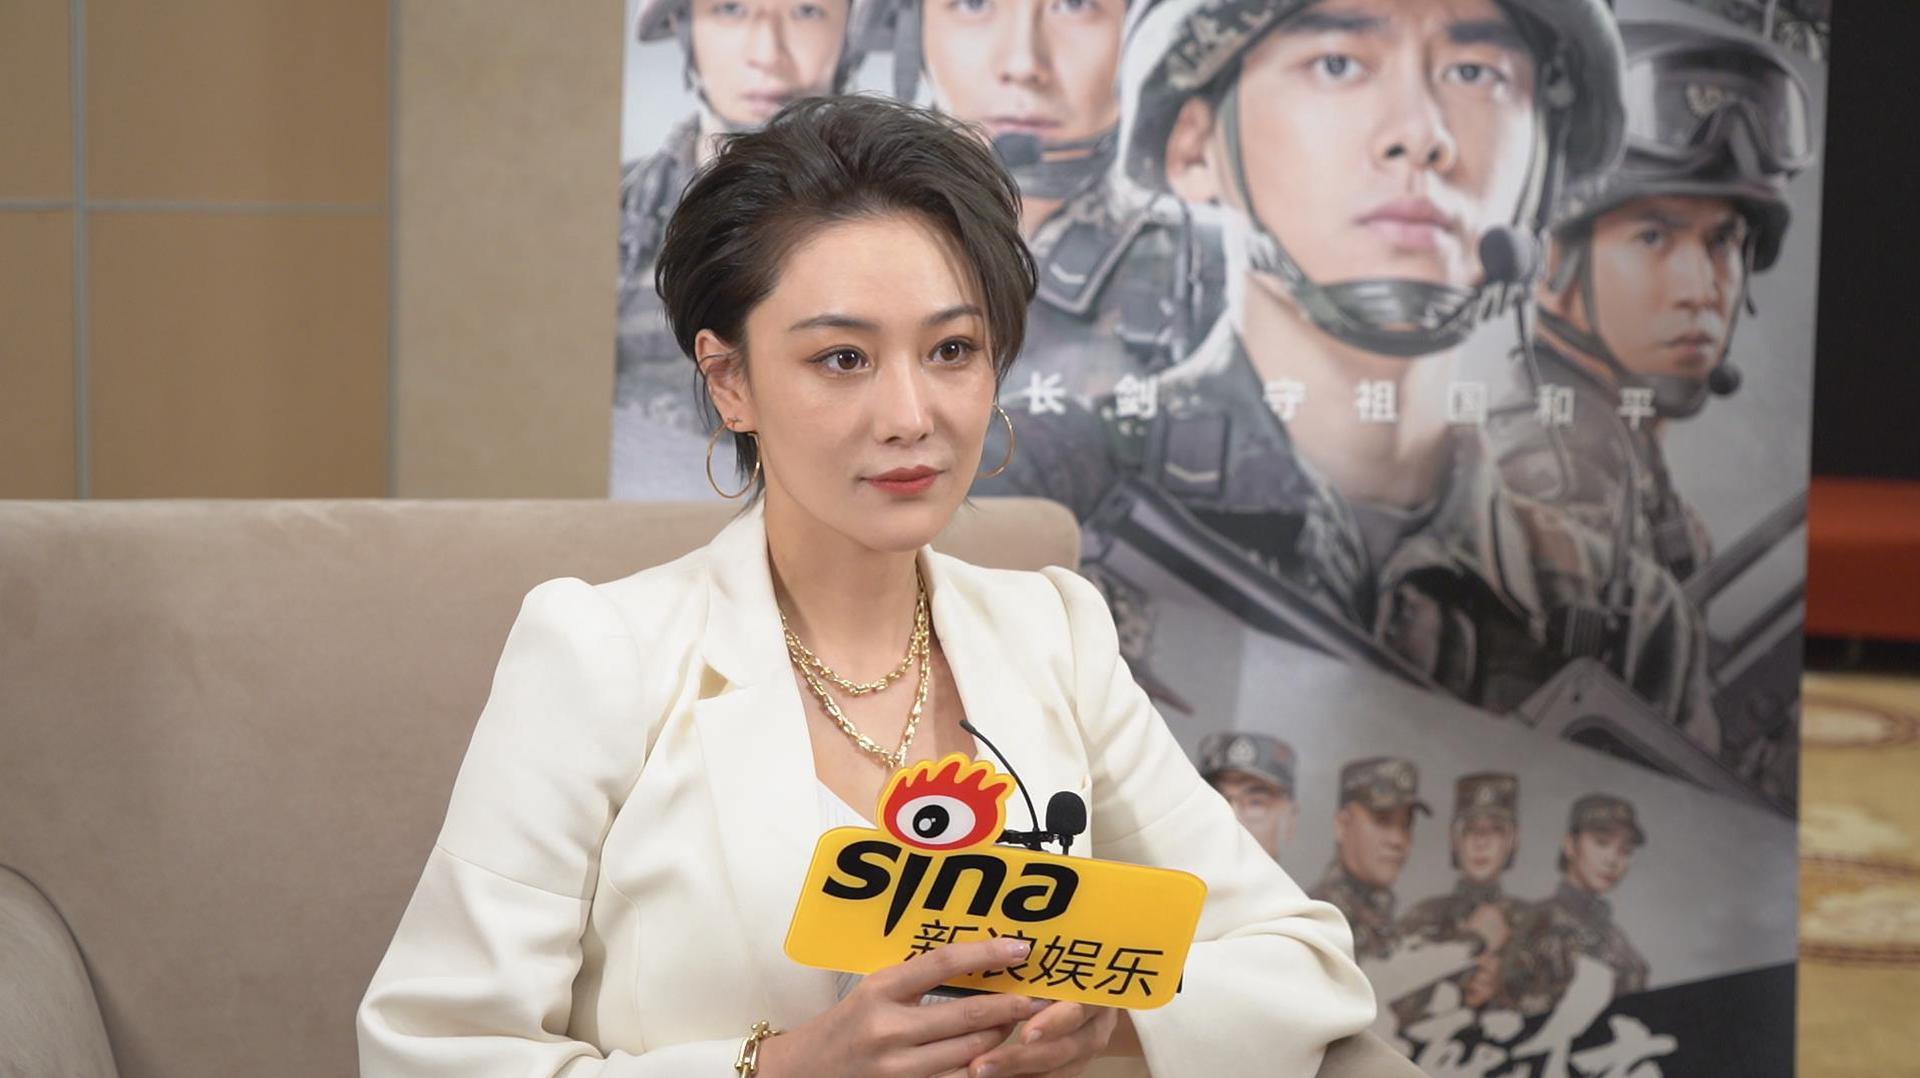 张馨予为《号手就位》军医角色剪短发 曝姐姐2群聊名